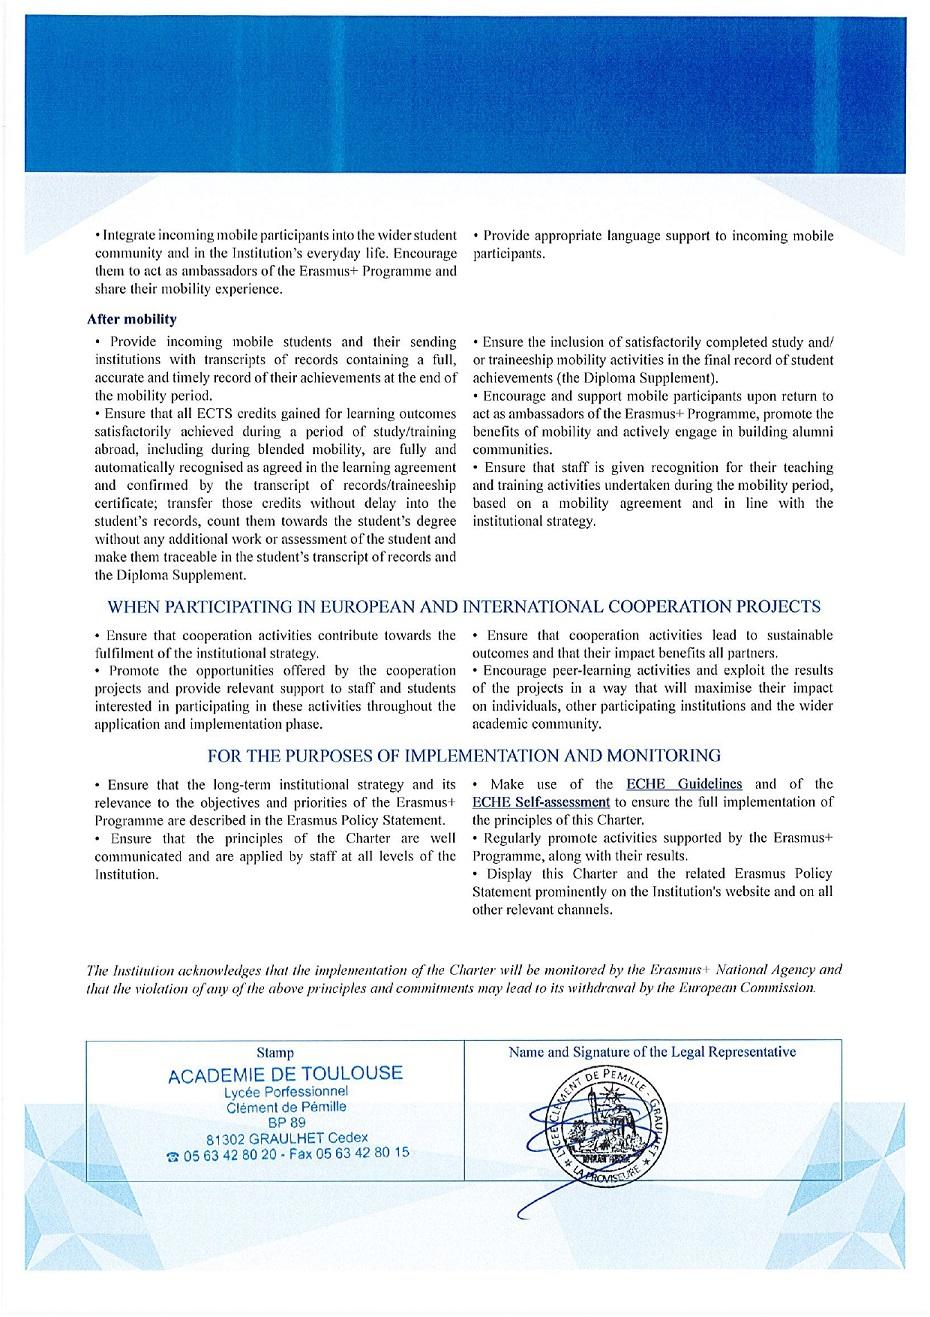 Charte ERASMUS+ 2021-2027 (Page 2)